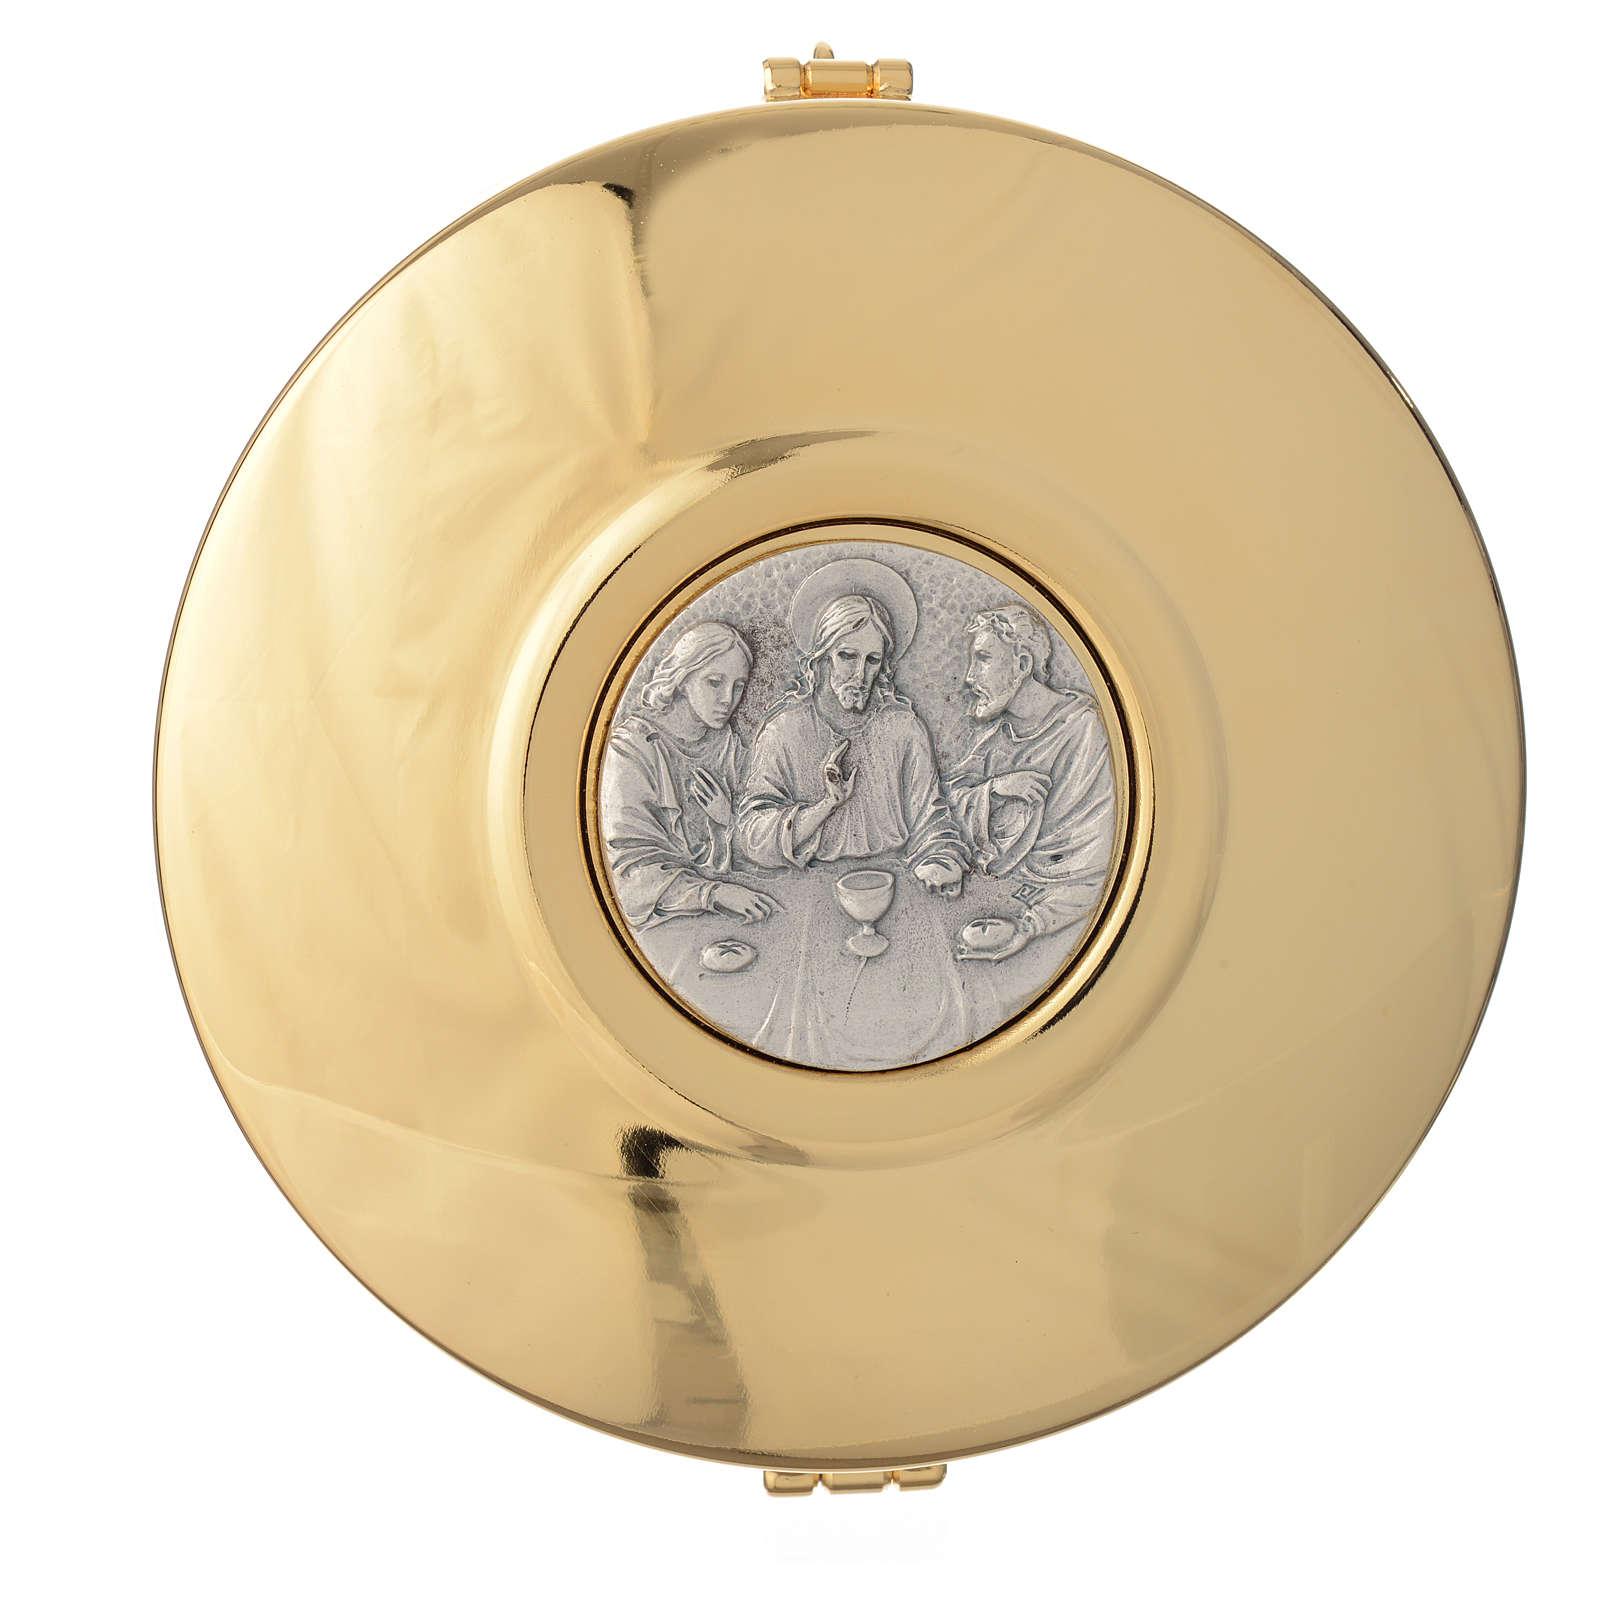 Caja para hostia medalla peltre última cena 11 cm  de diámetro 3